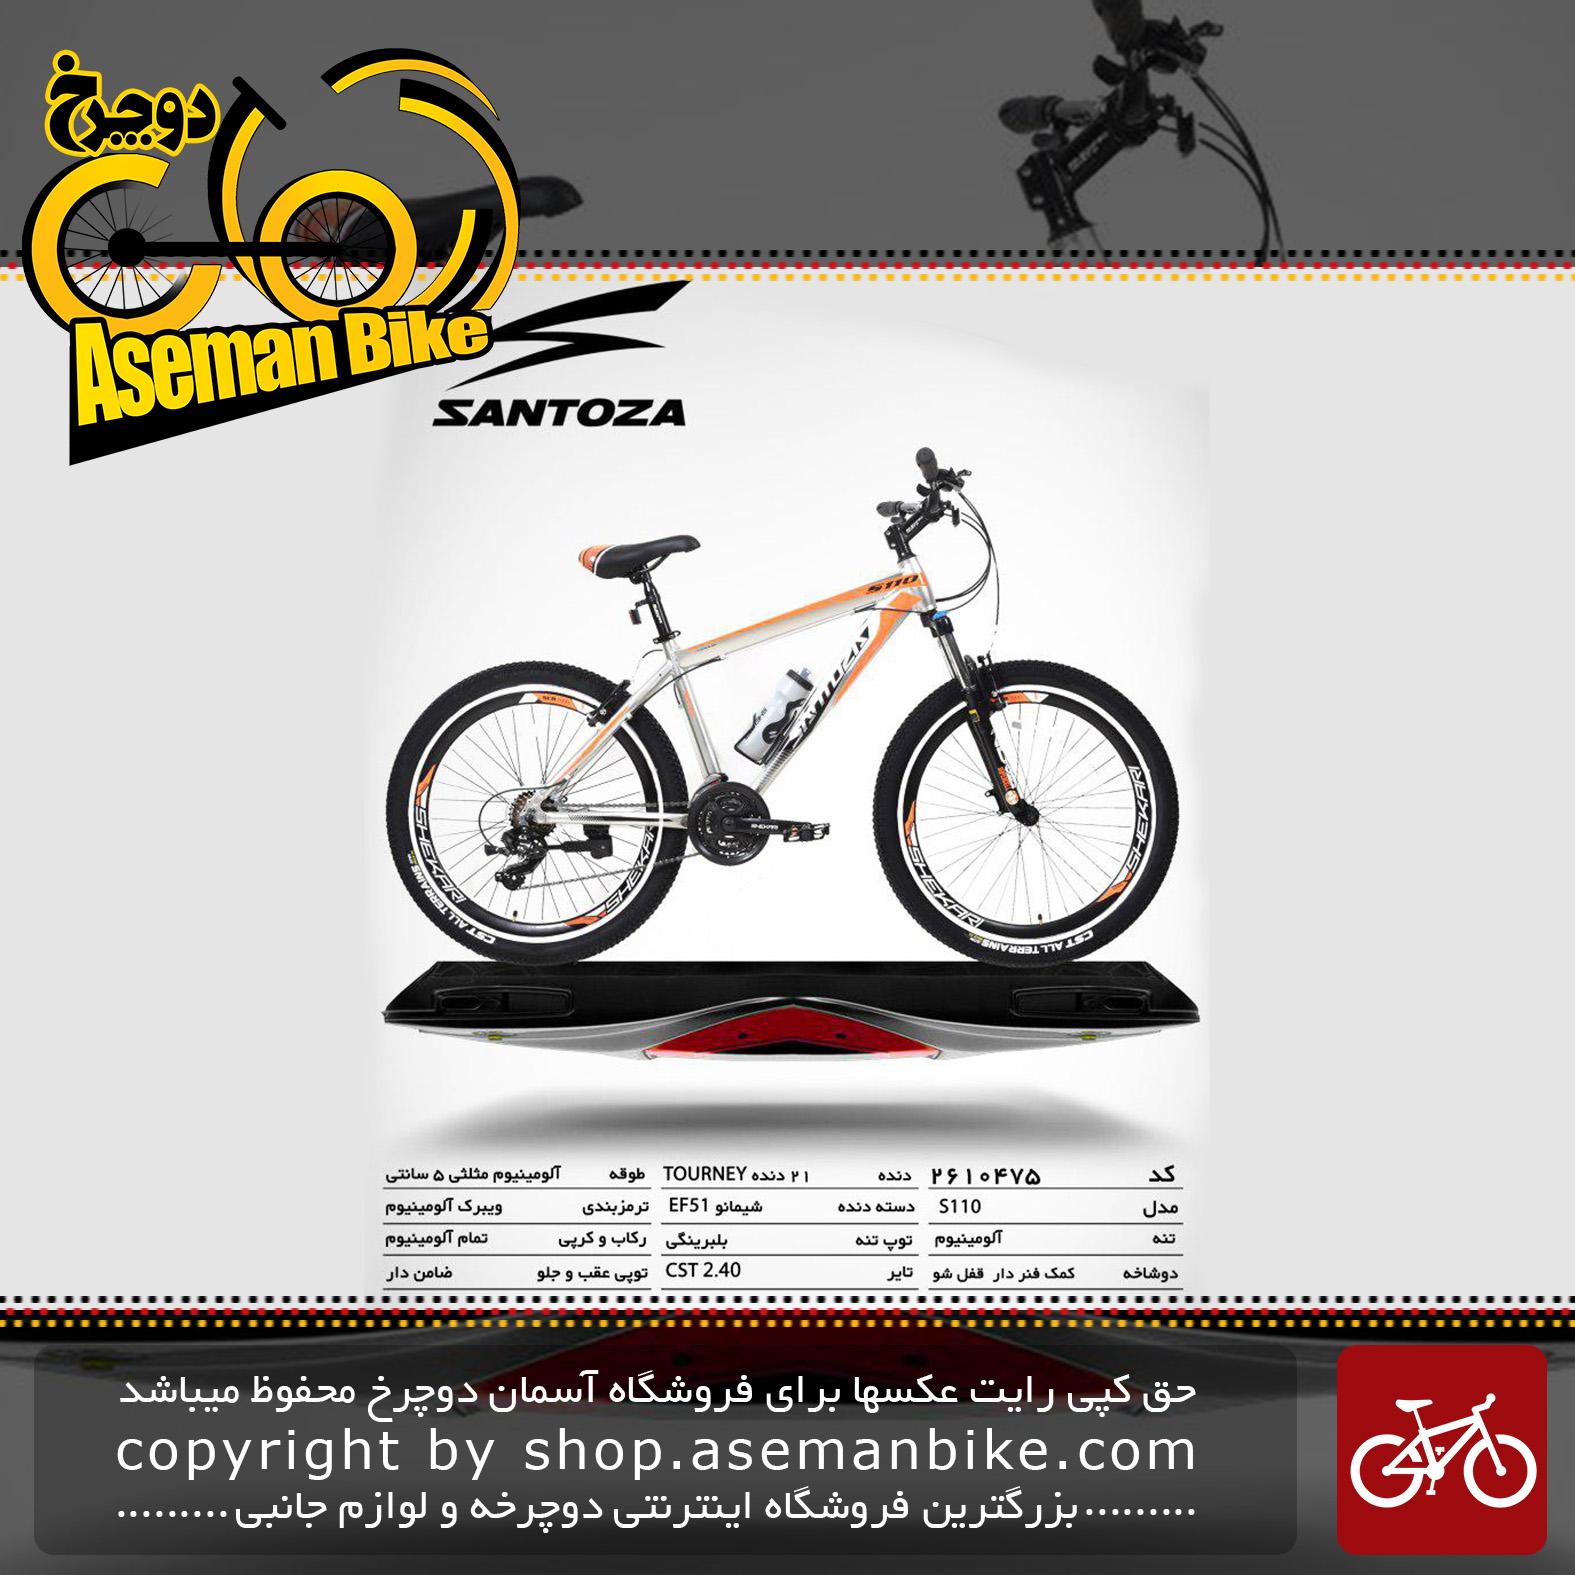 دوچرخه کوهستان سانتوزا 21 دنده شیمانو تورنی تنه آلومینیوم سایز 26مدل اس110 santoza bicycle 26 21 speed shimano tourney tz aluminum vb s110 2019